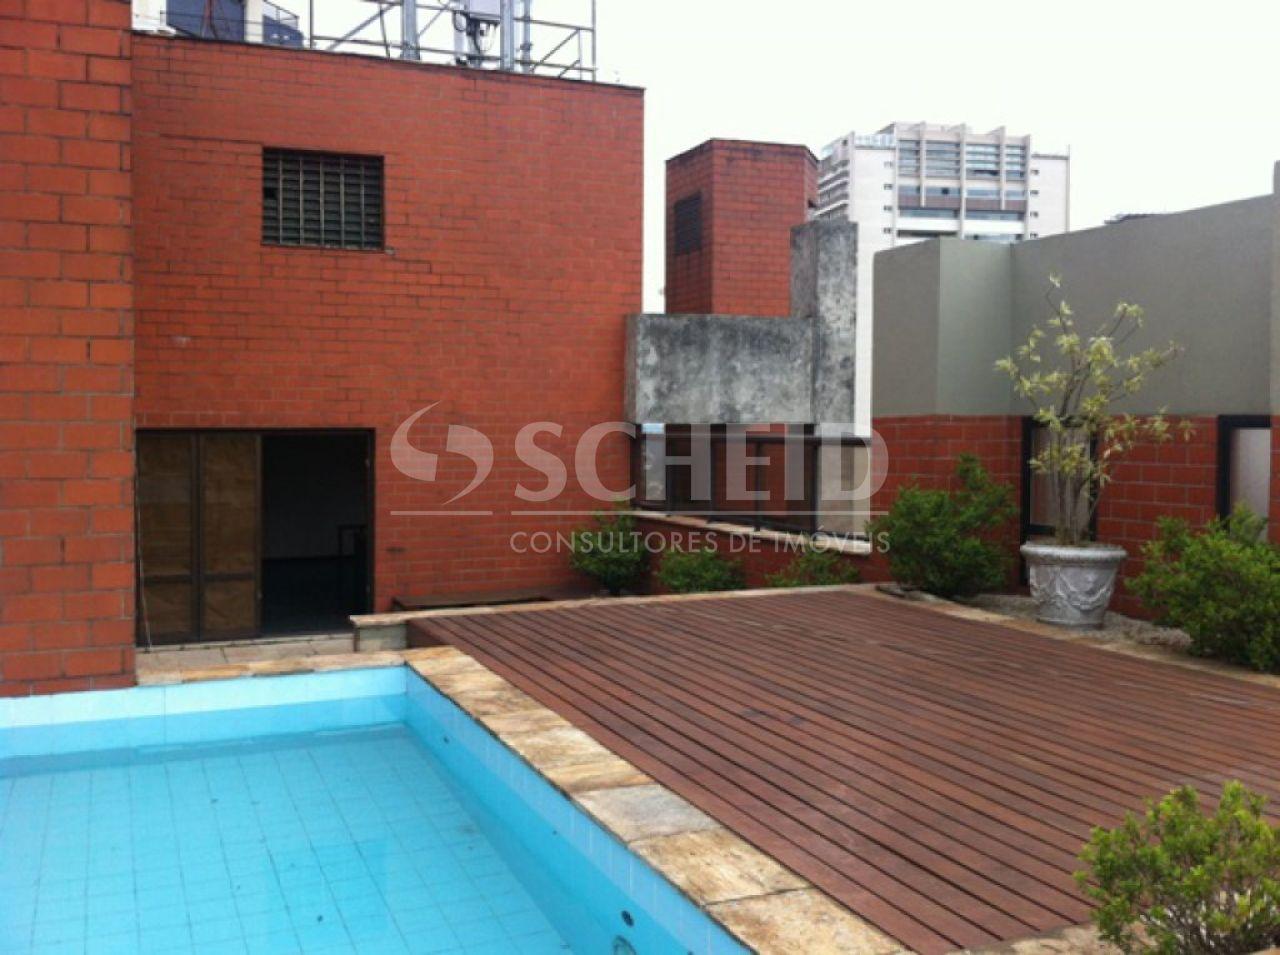 Cobertura de 4 dormitórios à venda em Morumbi, São Paulo - SP